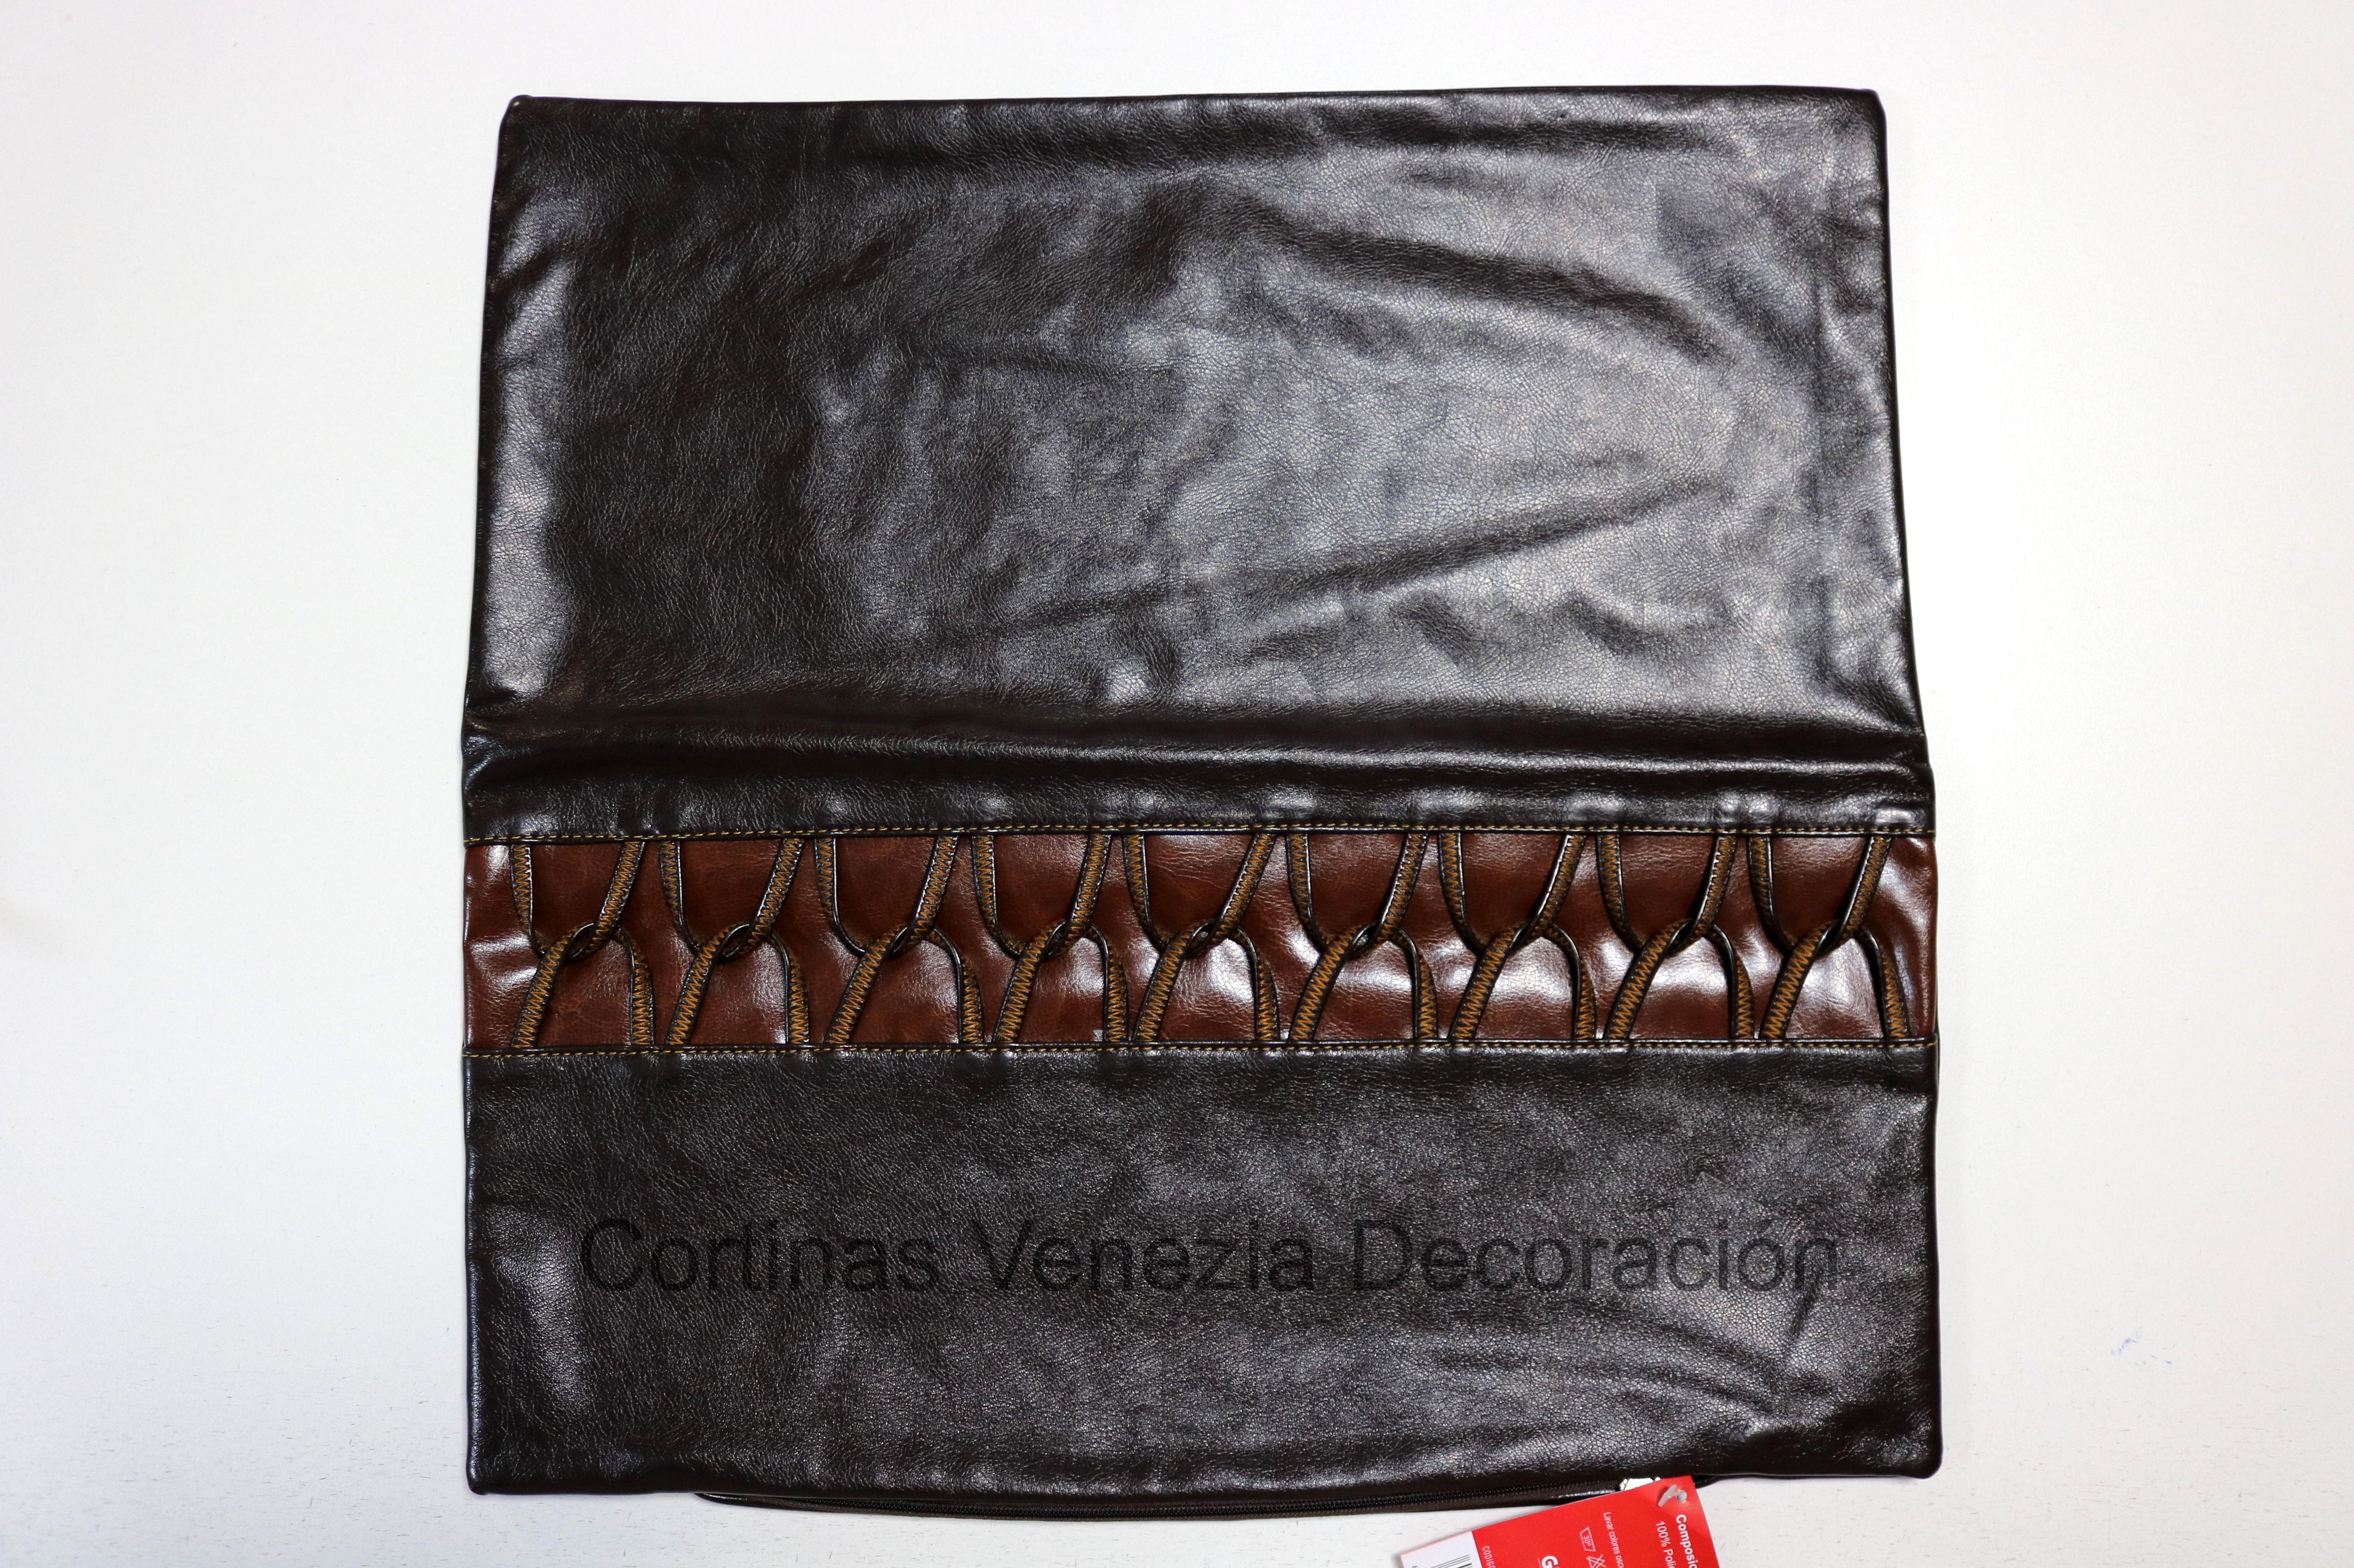 Boti: Catálogo de Venezia Decoración